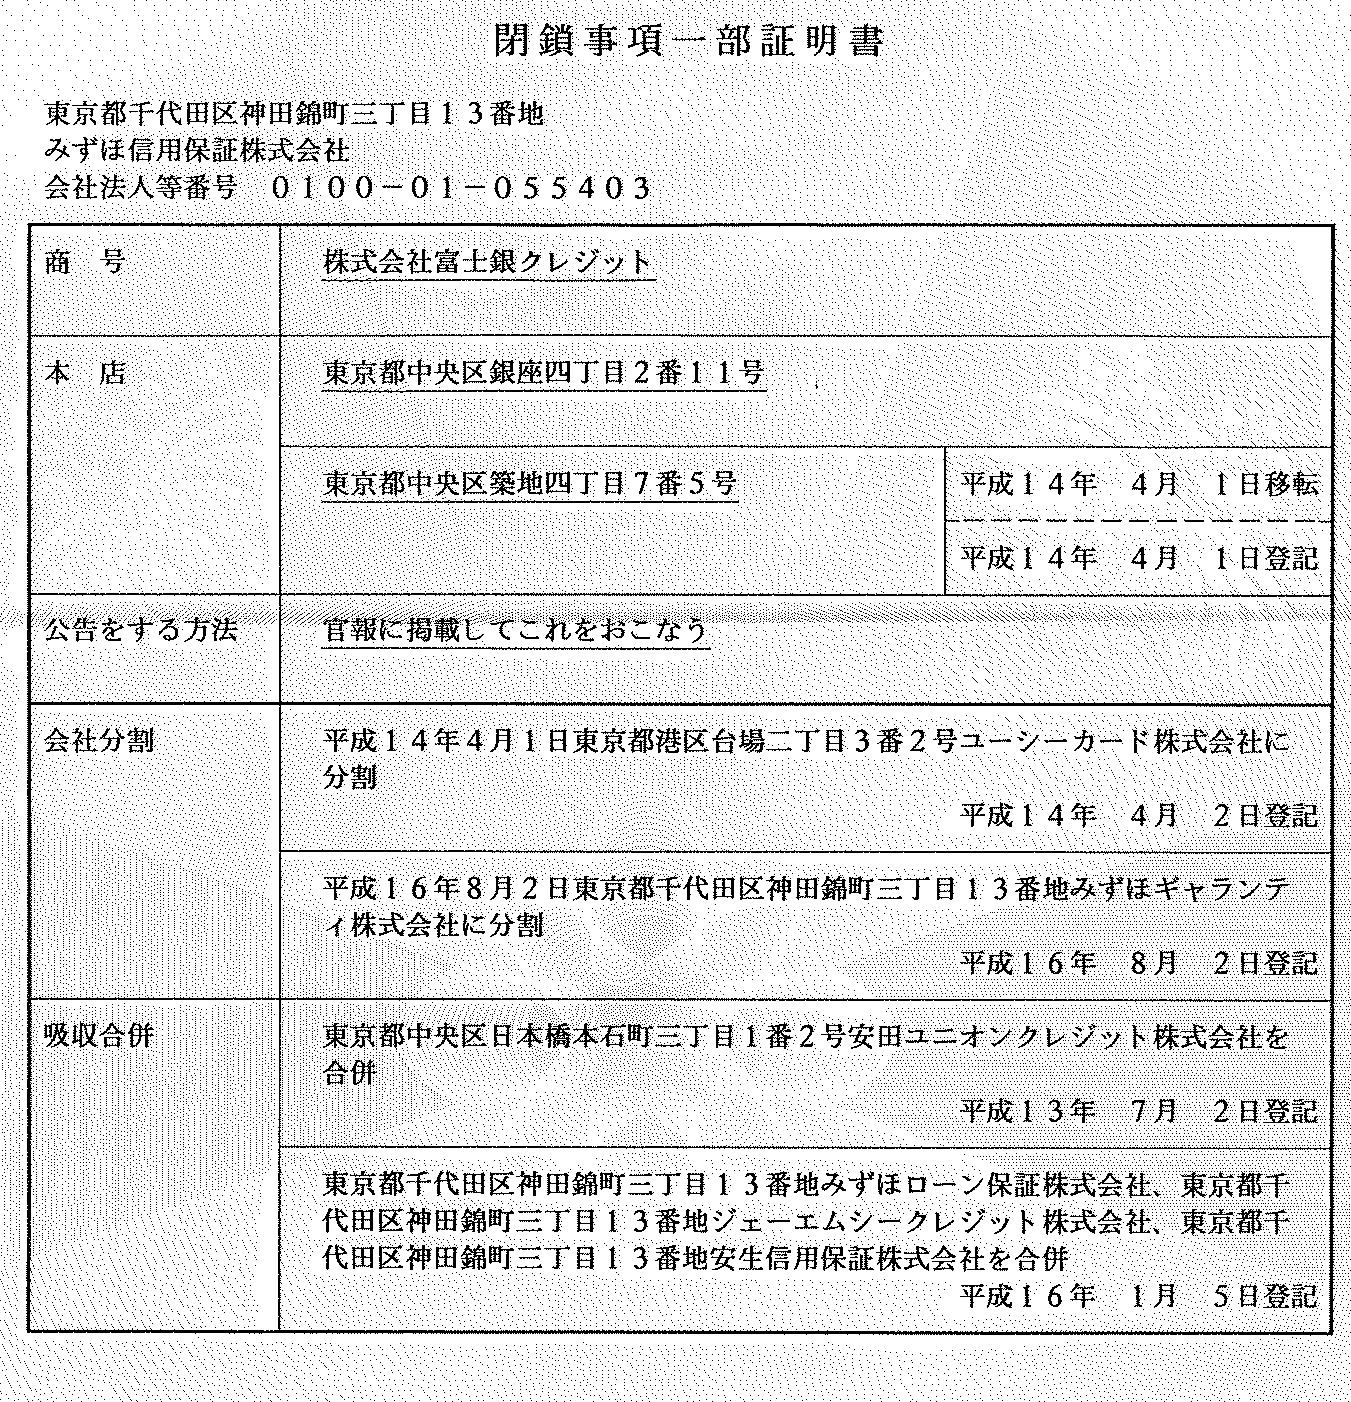 富士銀クレジット